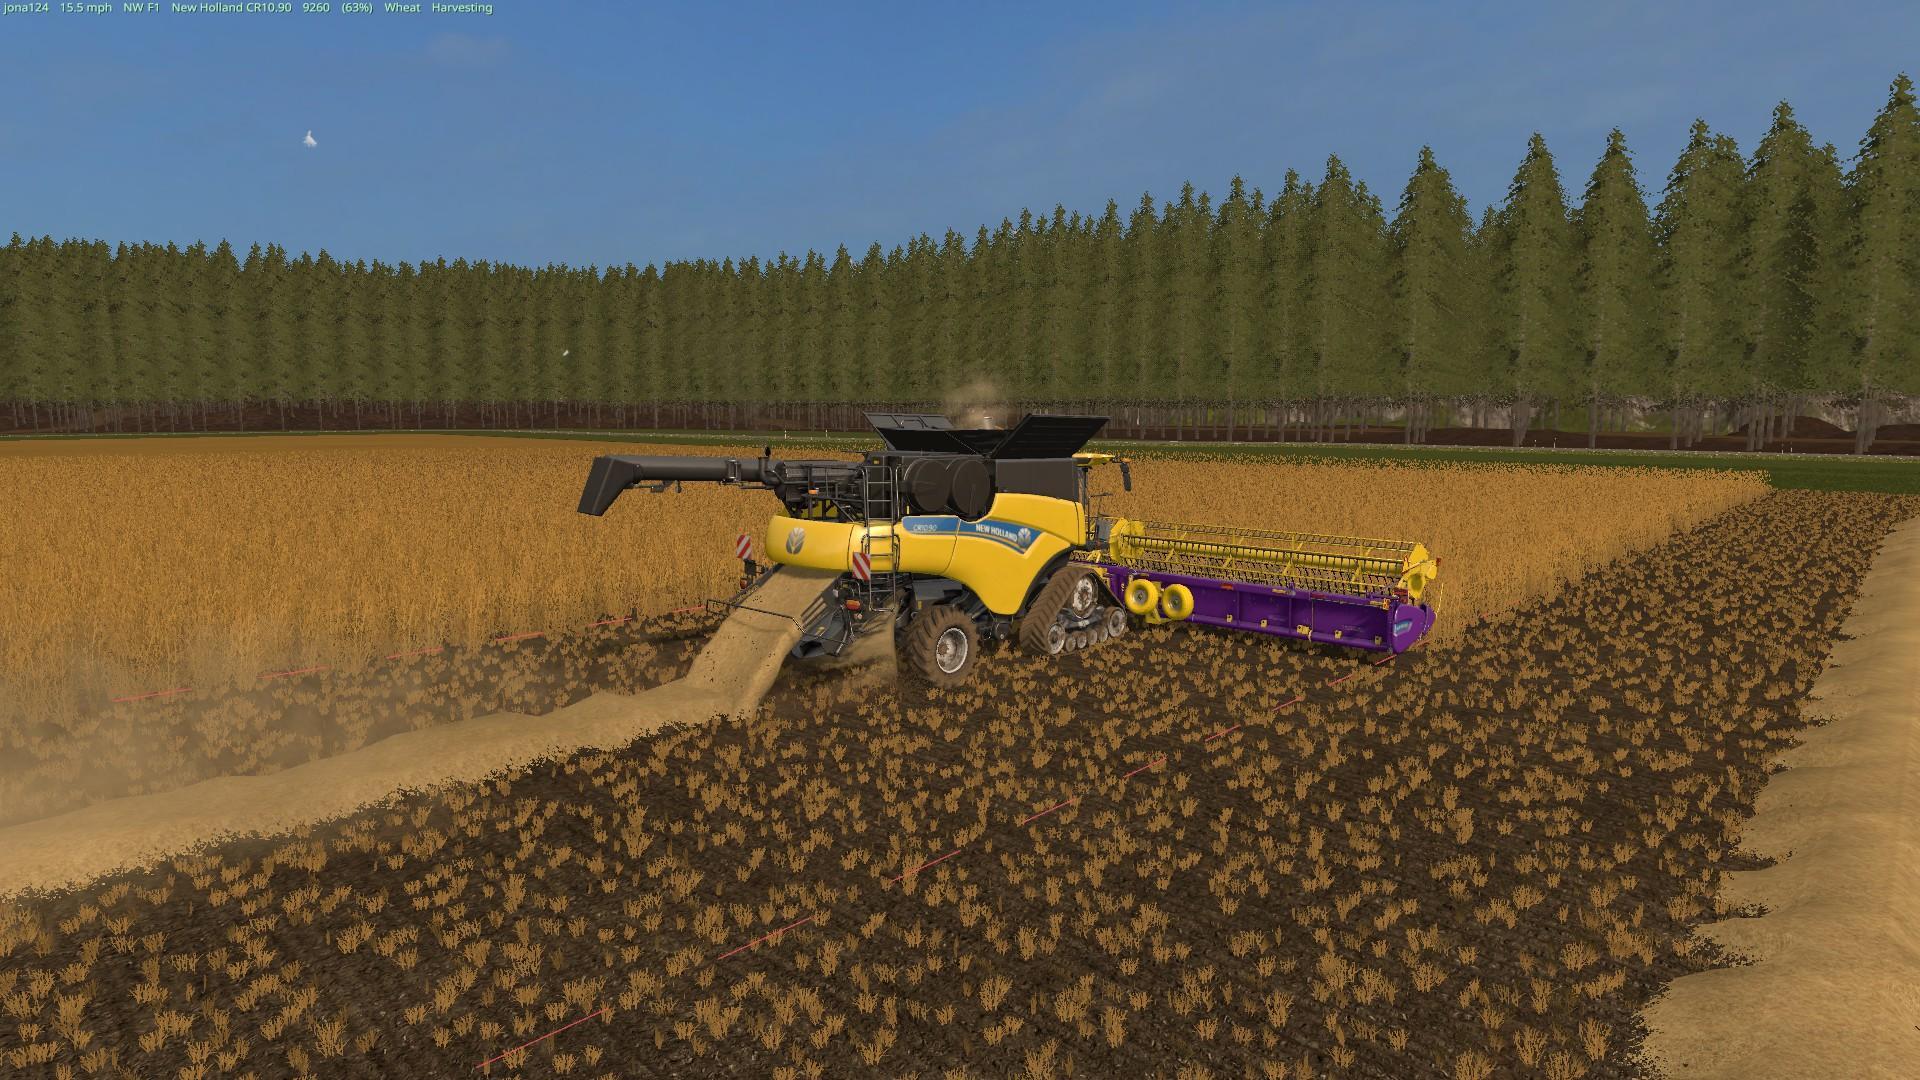 North Wind Farms v1 2 FS2017 - Farming simulator 17 / 2017 mod